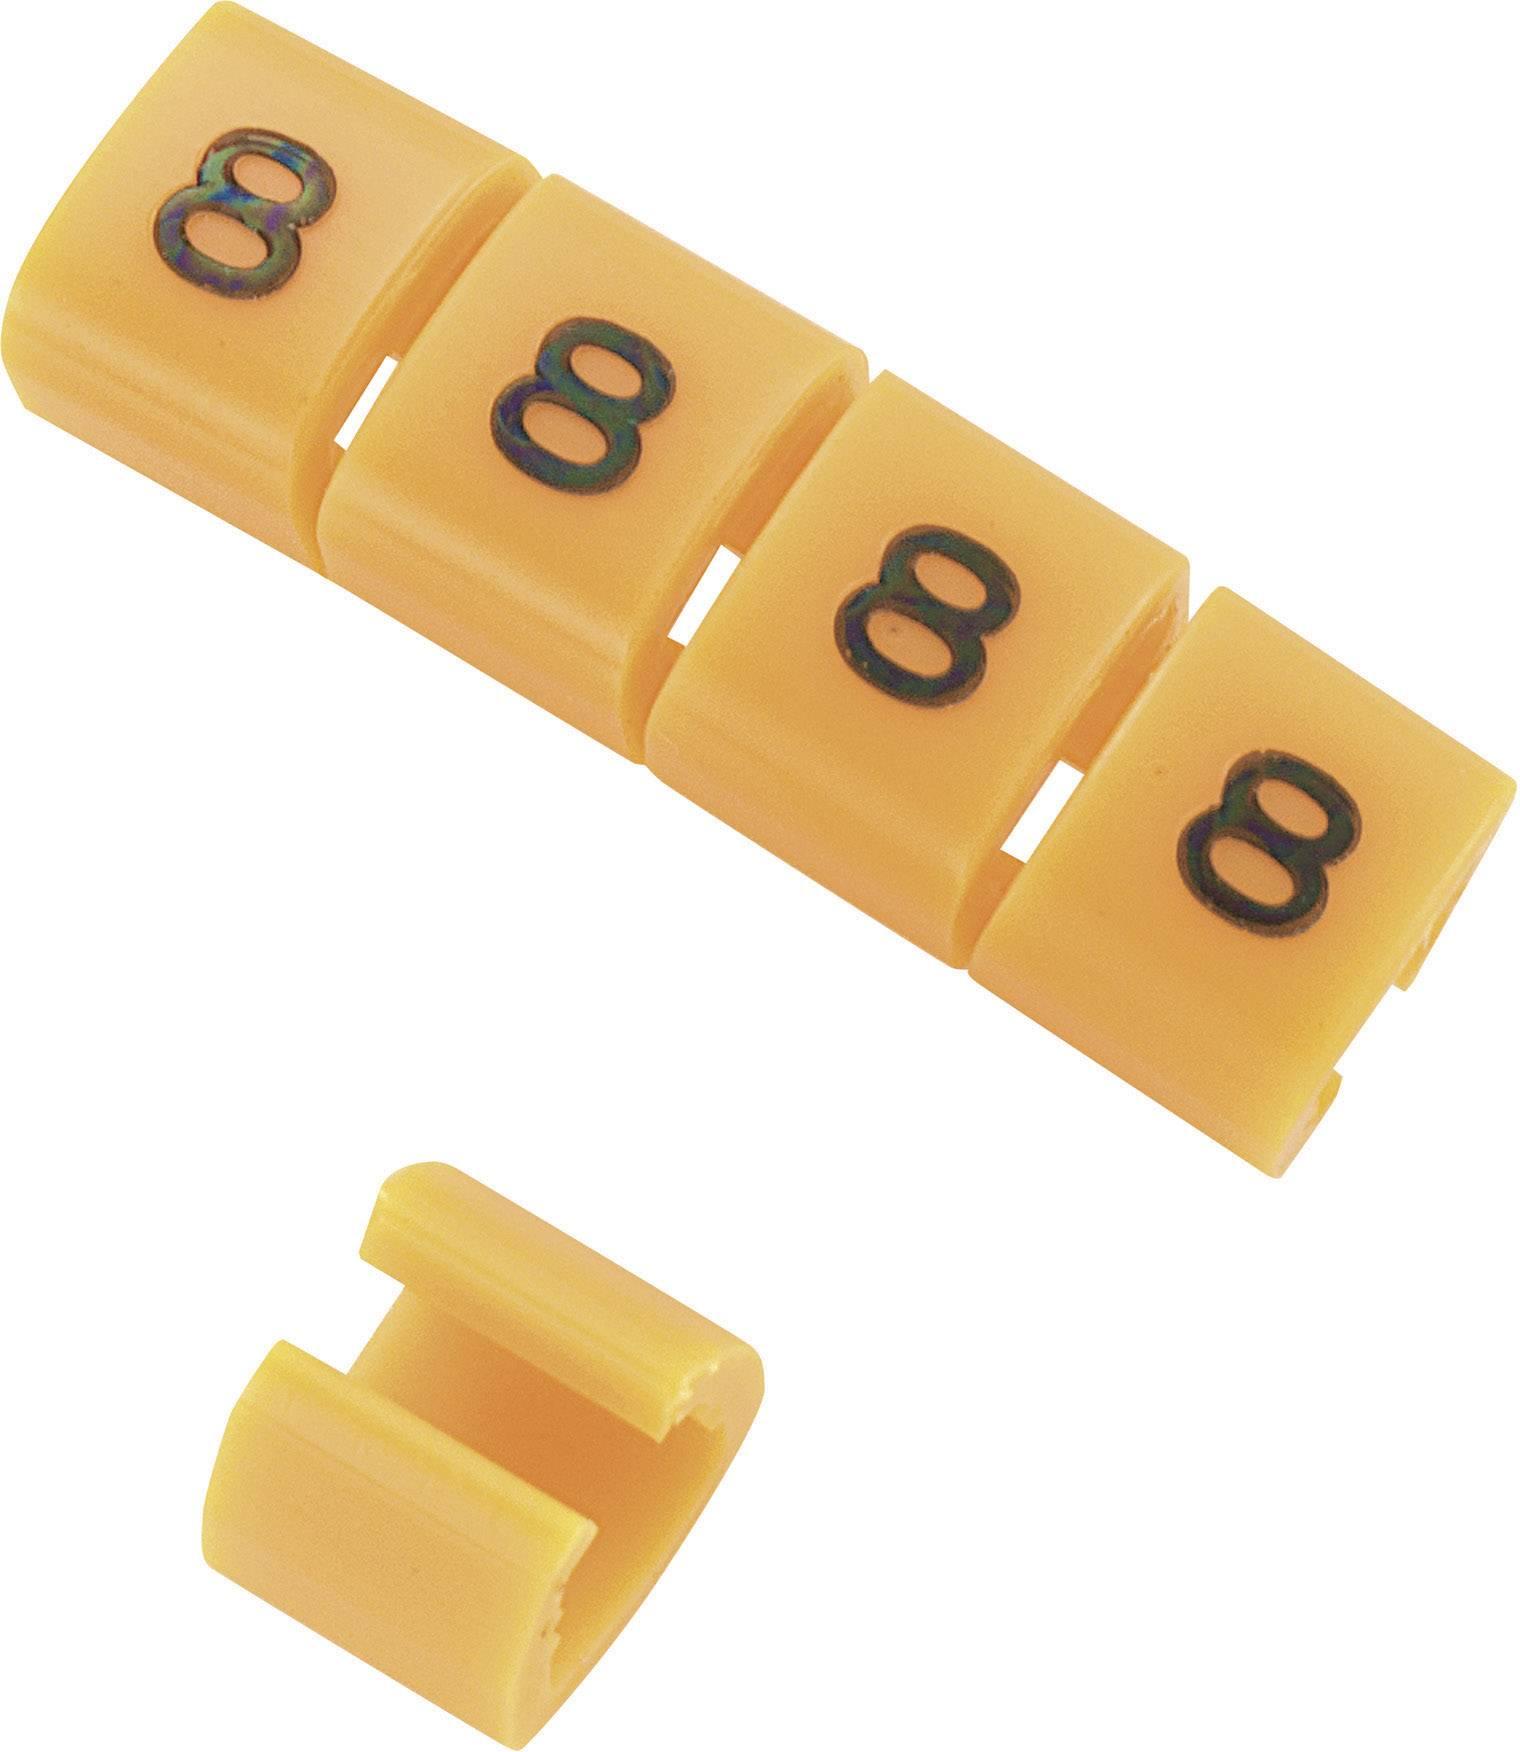 Označovacie objímka na káble KSS MB2/8, oranžová, 10 ks